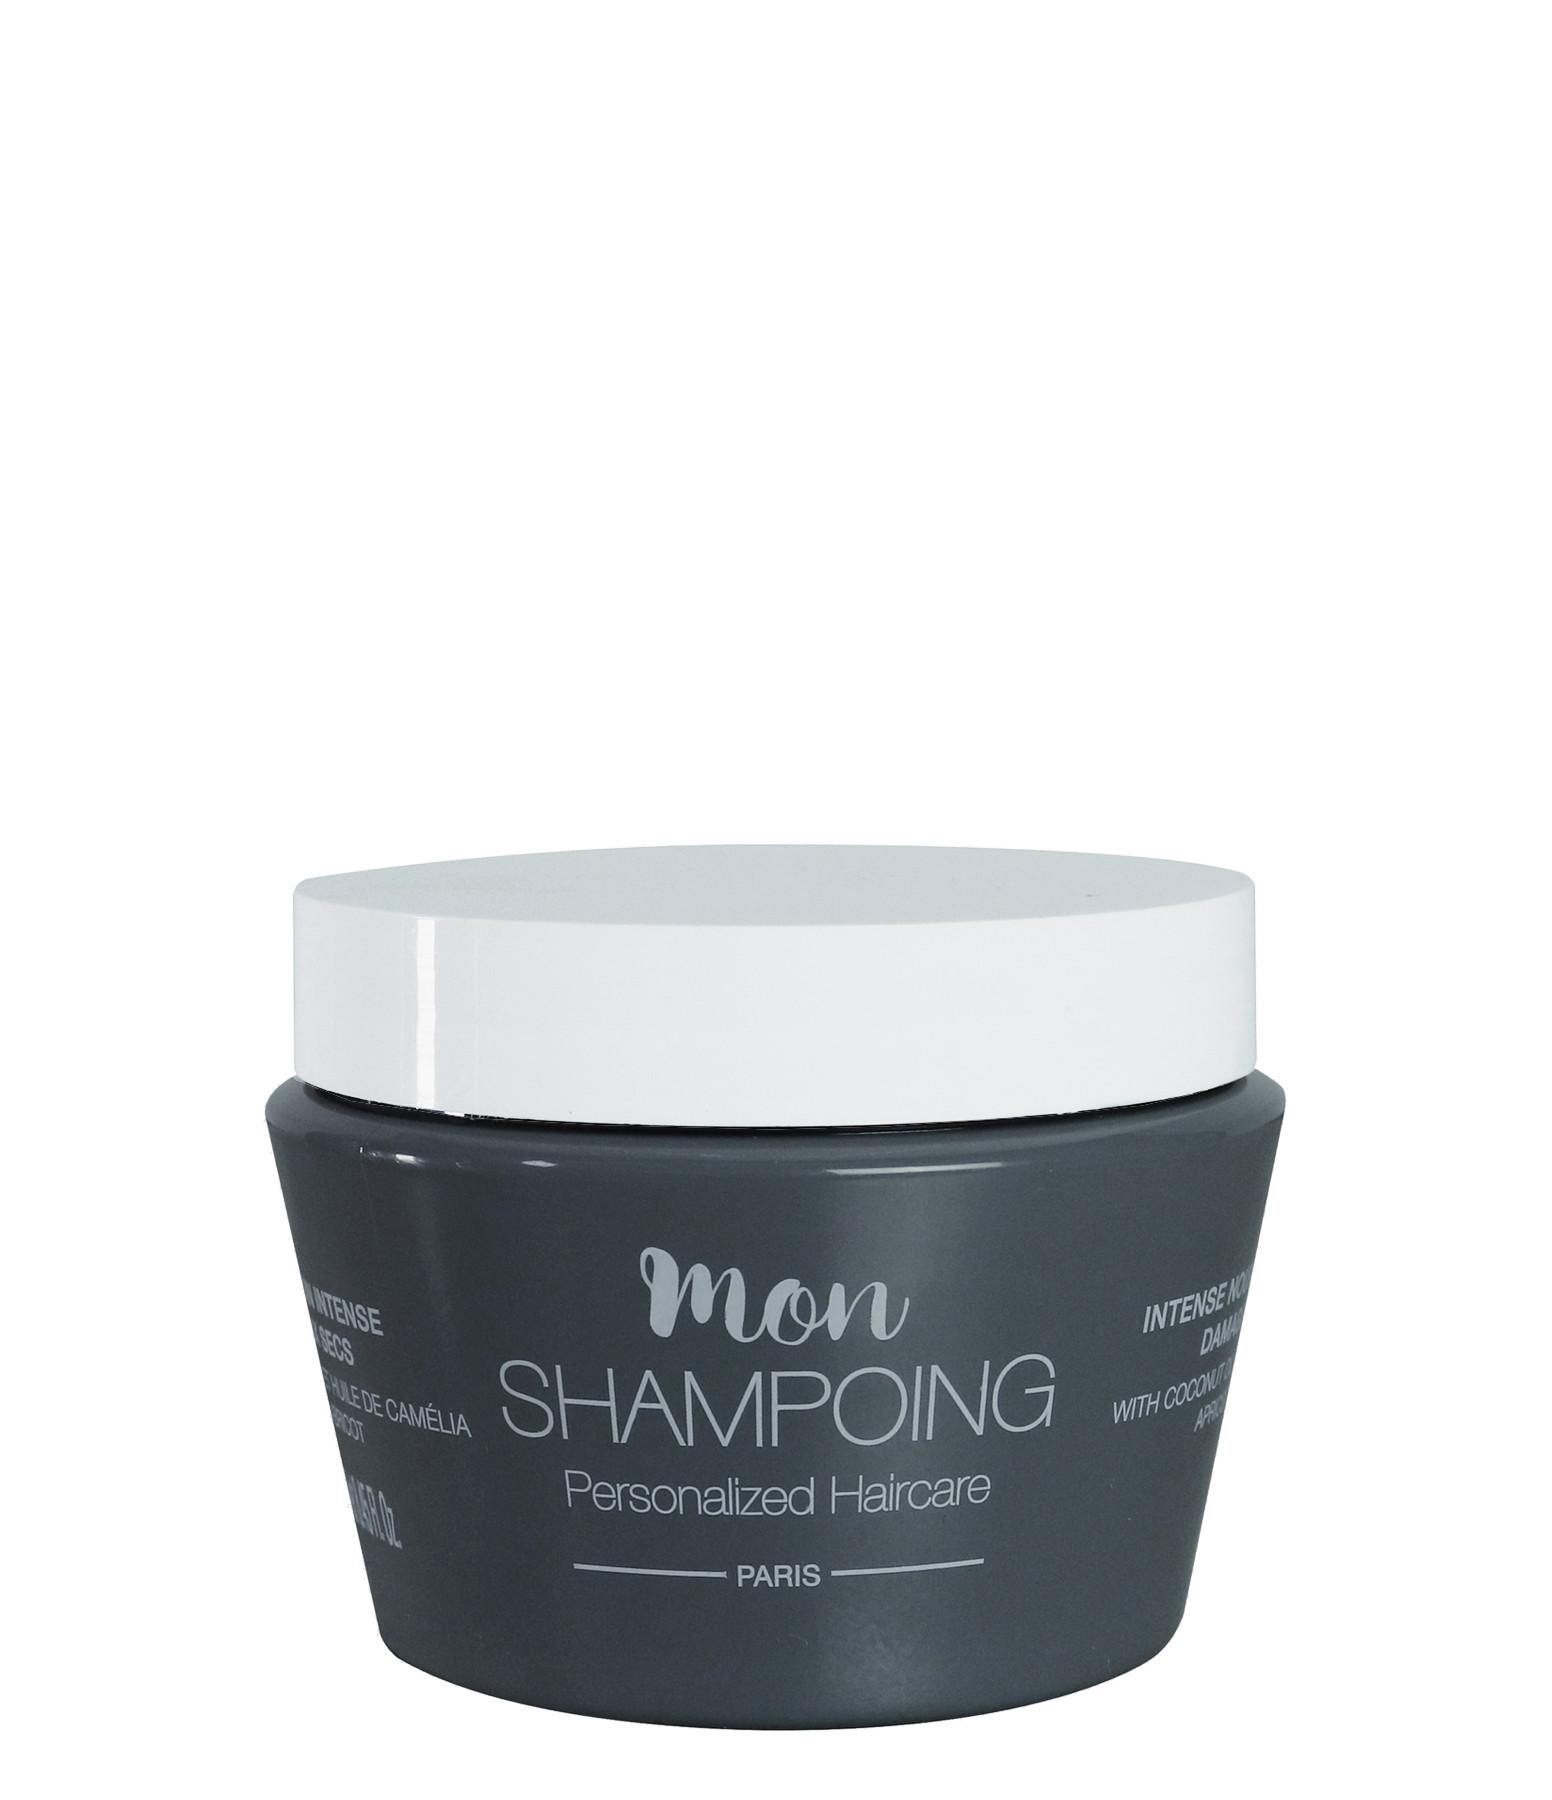 MON SHAMPOING - Masque Soin Intense Coco Camelia 250 ml